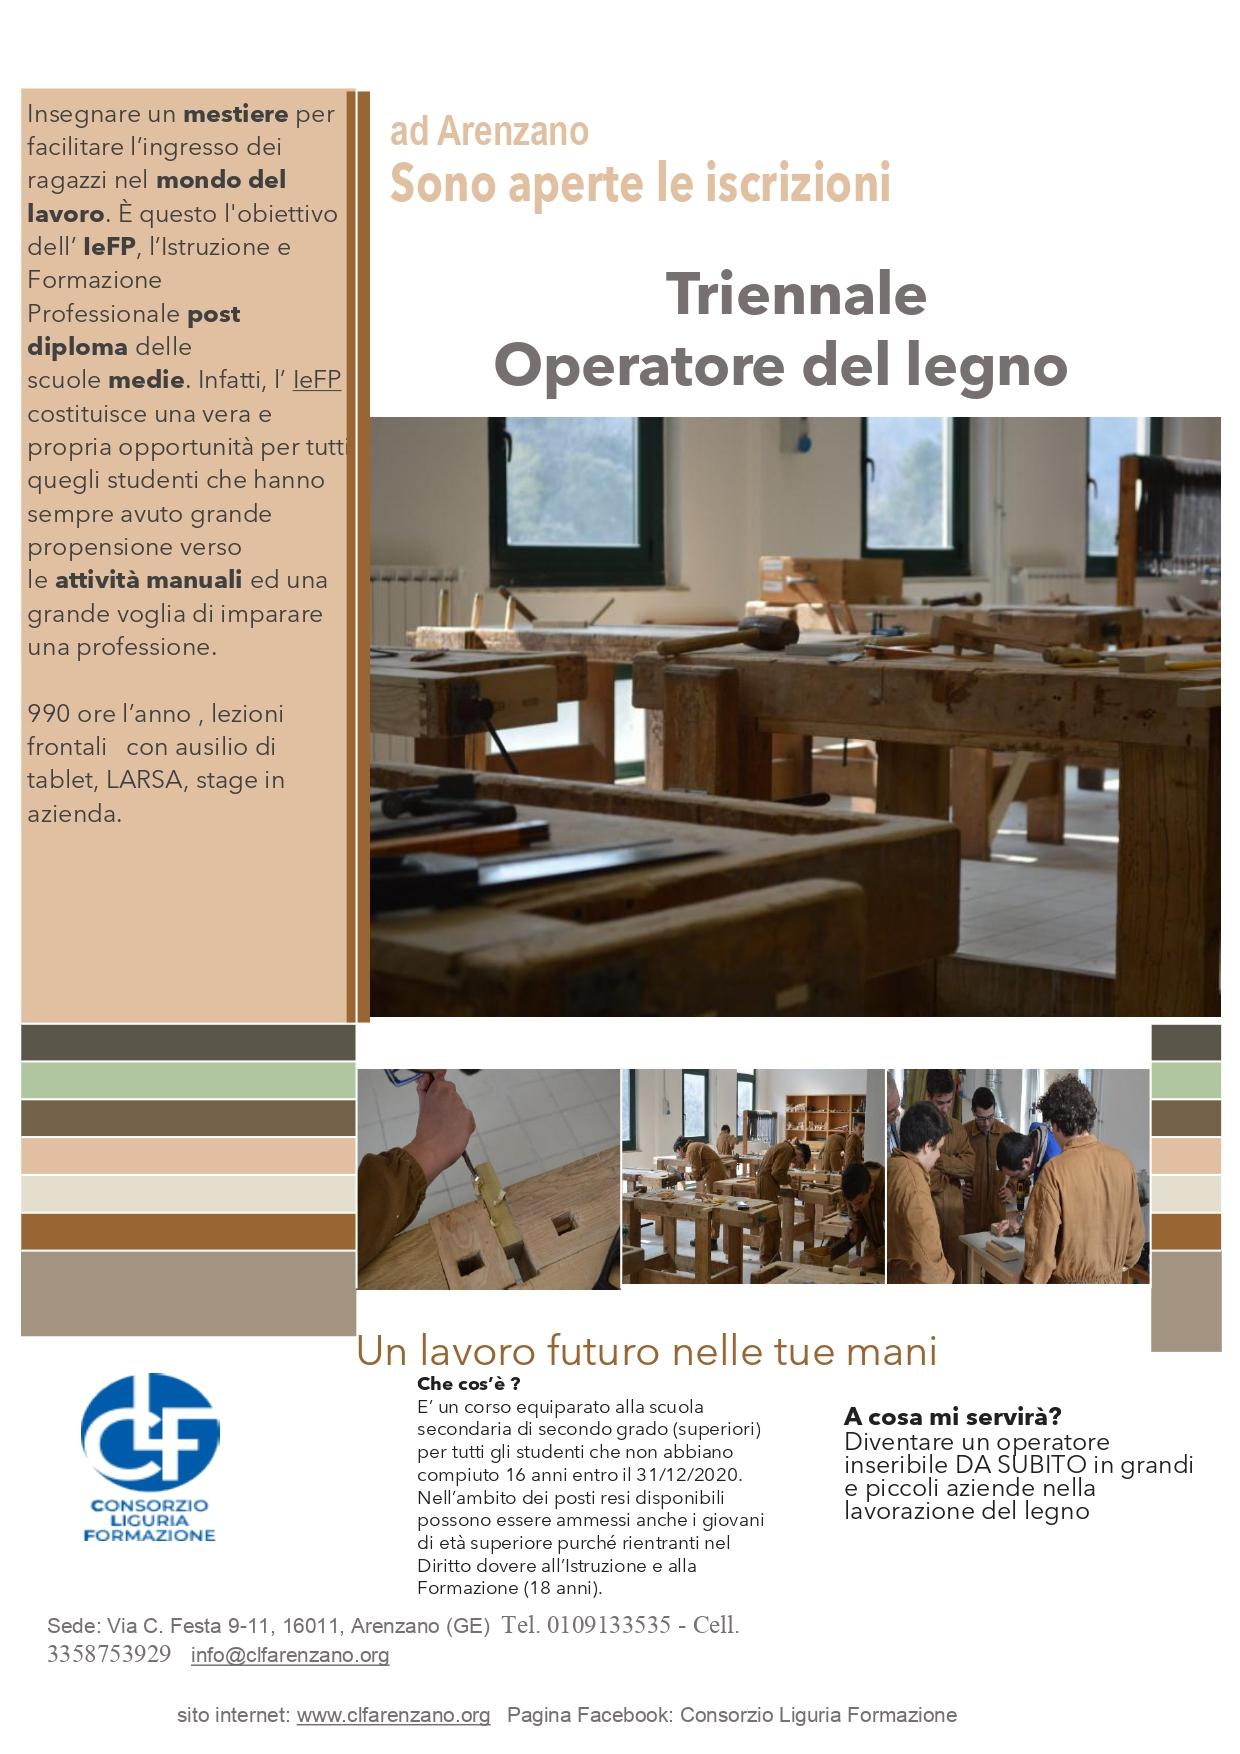 Che Cos È Il Legno operatore del legno | consorzio liguria formazione